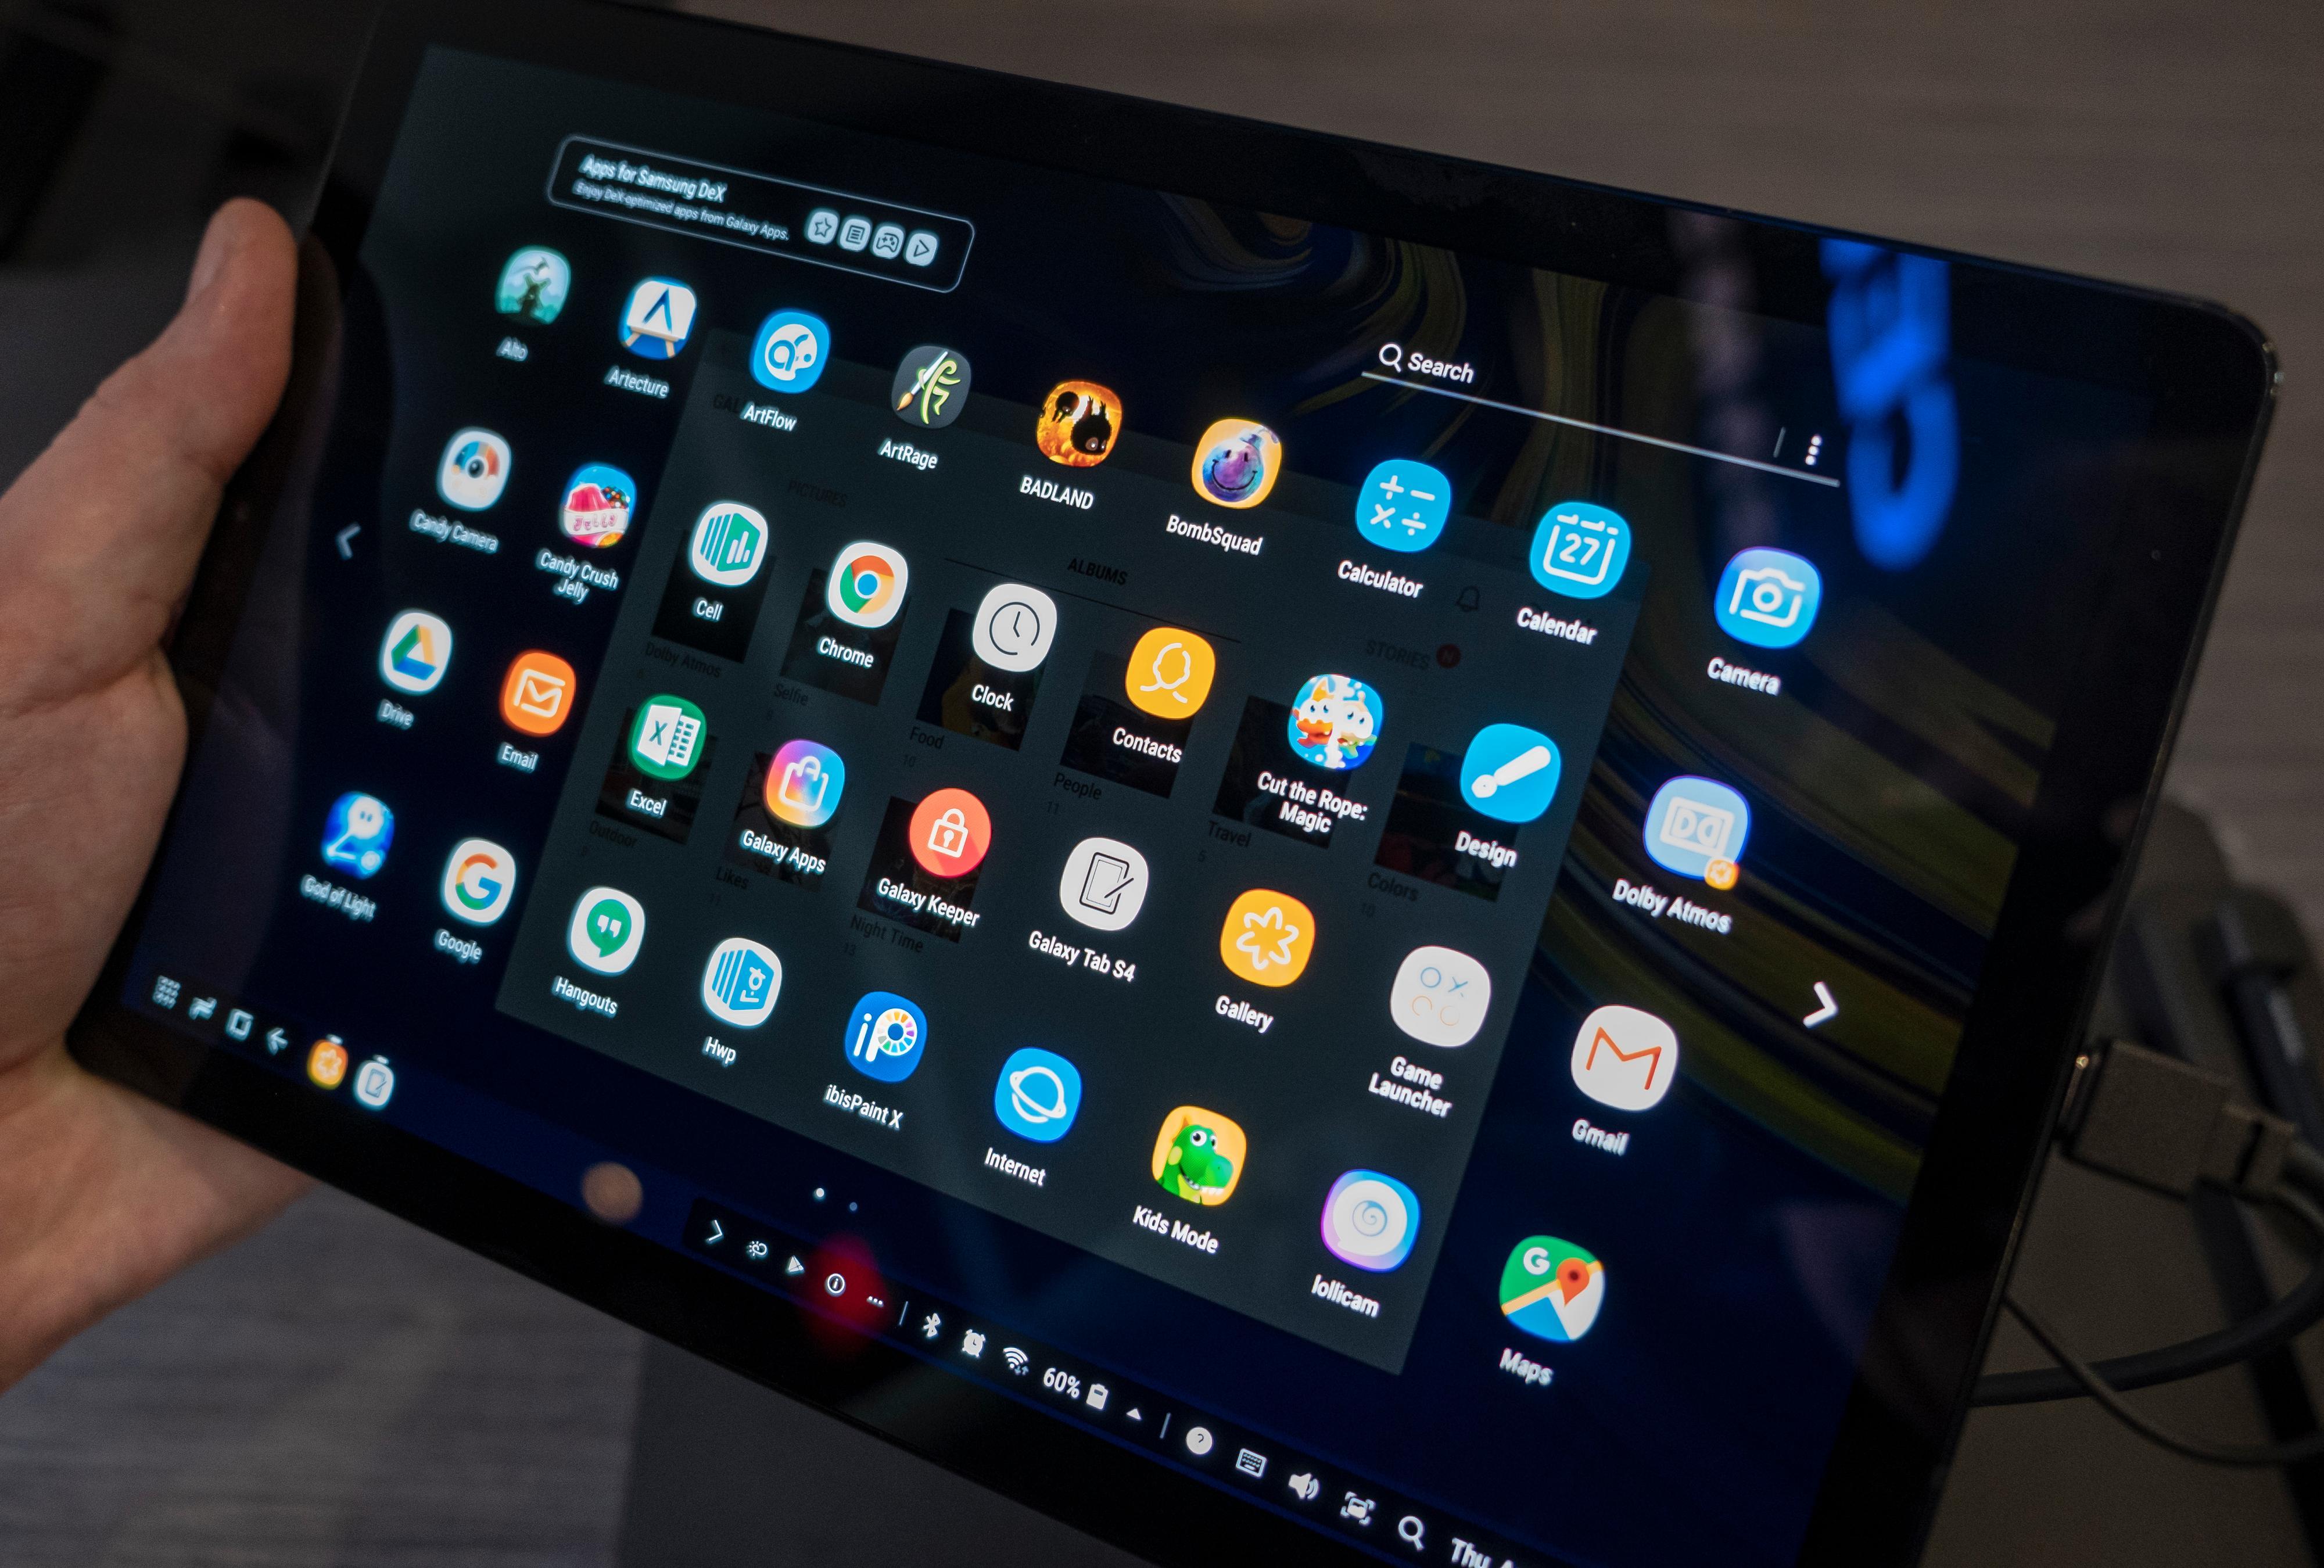 DeX-modusen er faktisk særdeles god som alternativt menysystem på et nettbrett. Kanskje er det denne typen løsninger som vil berge Android-brettene i kampen mot iPad?